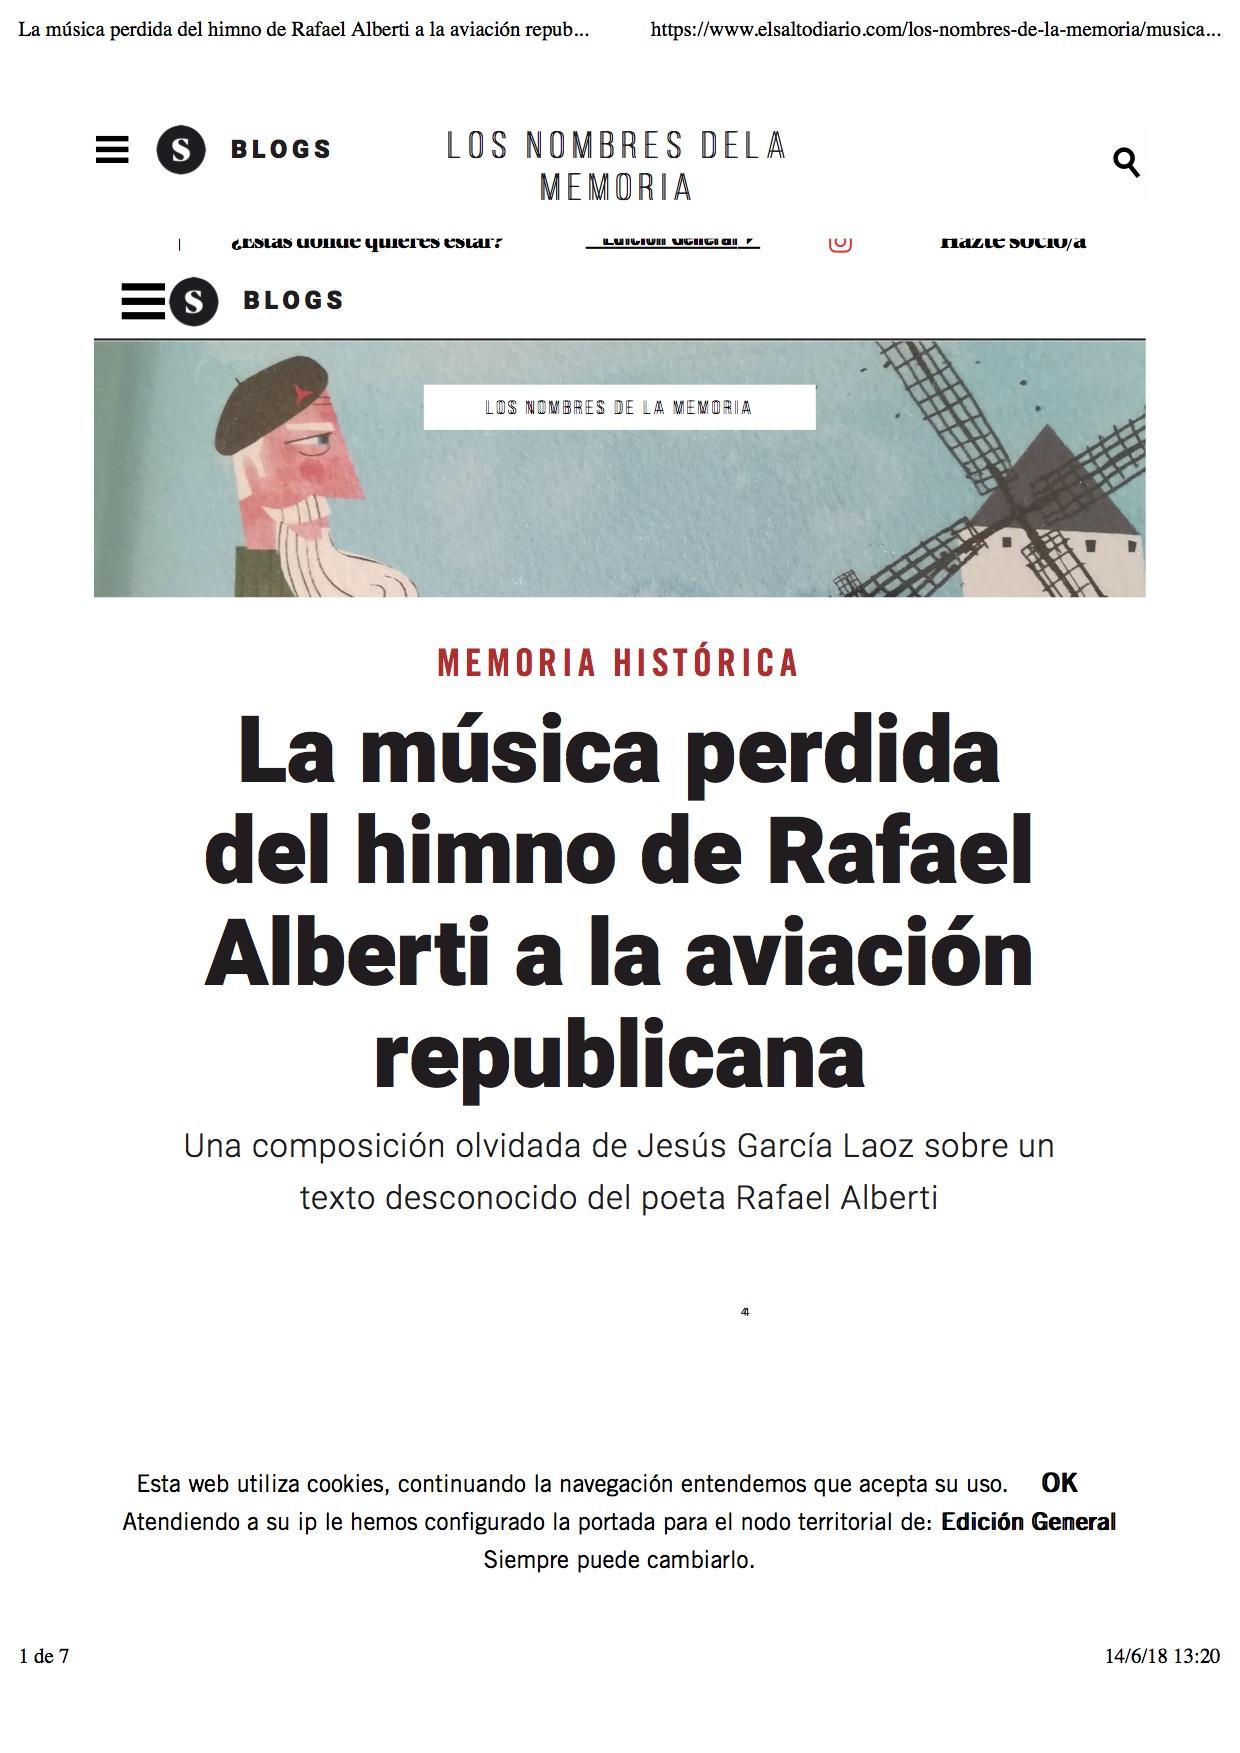 ef0bdbdb55 La música perdida del himno de Rafael Alberti a la aviación republicana –  Edición General – El Salto